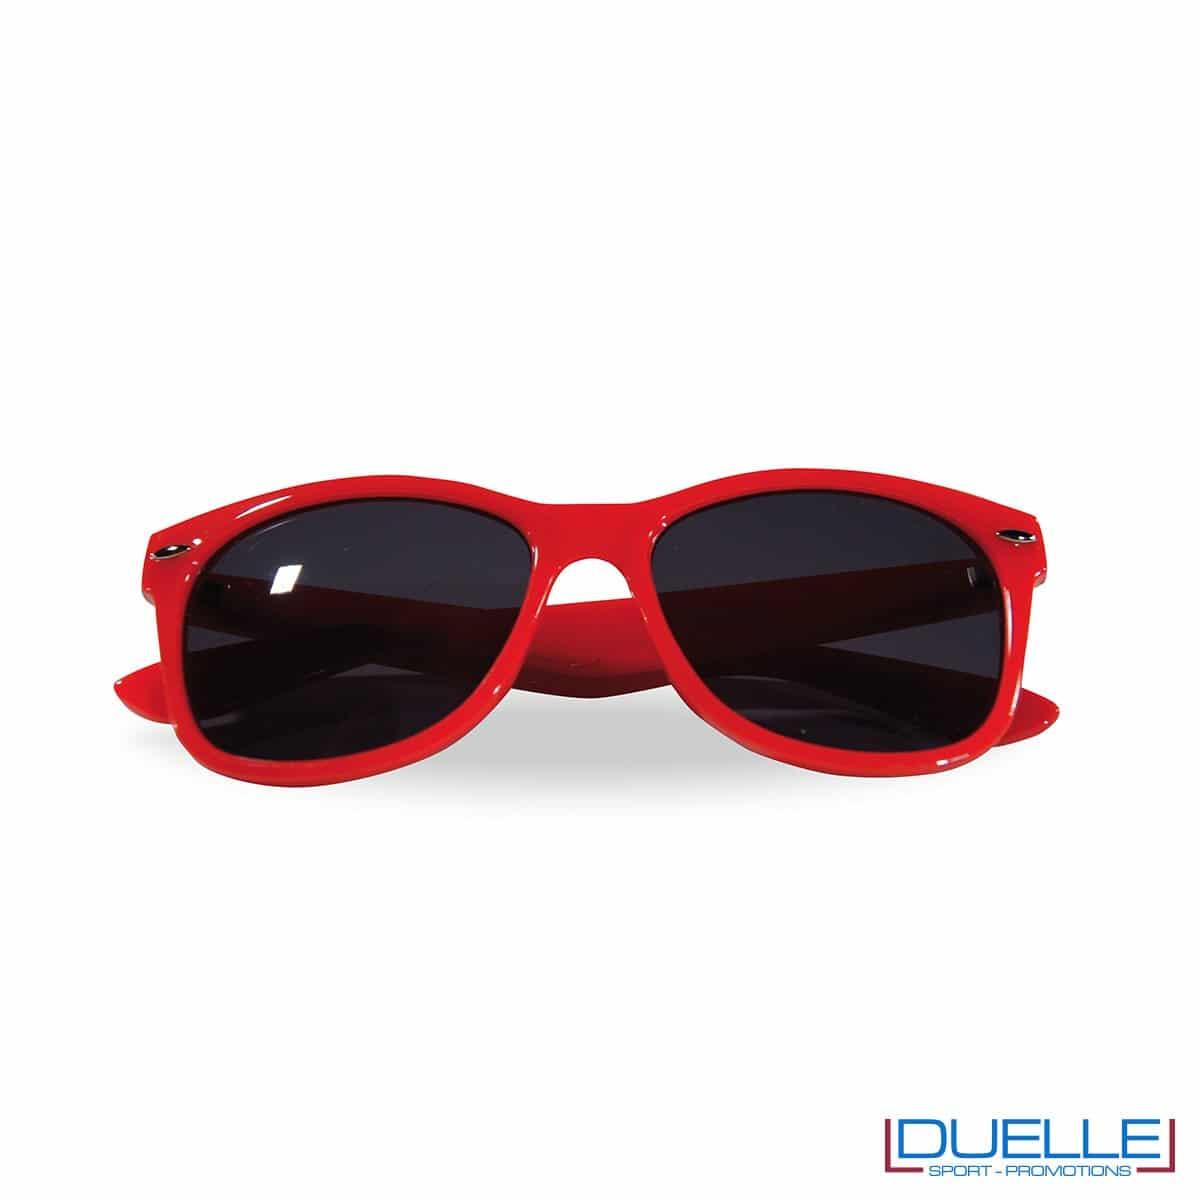 occhiali da sole personalizzati colore rosso, gadget estate personalizzati